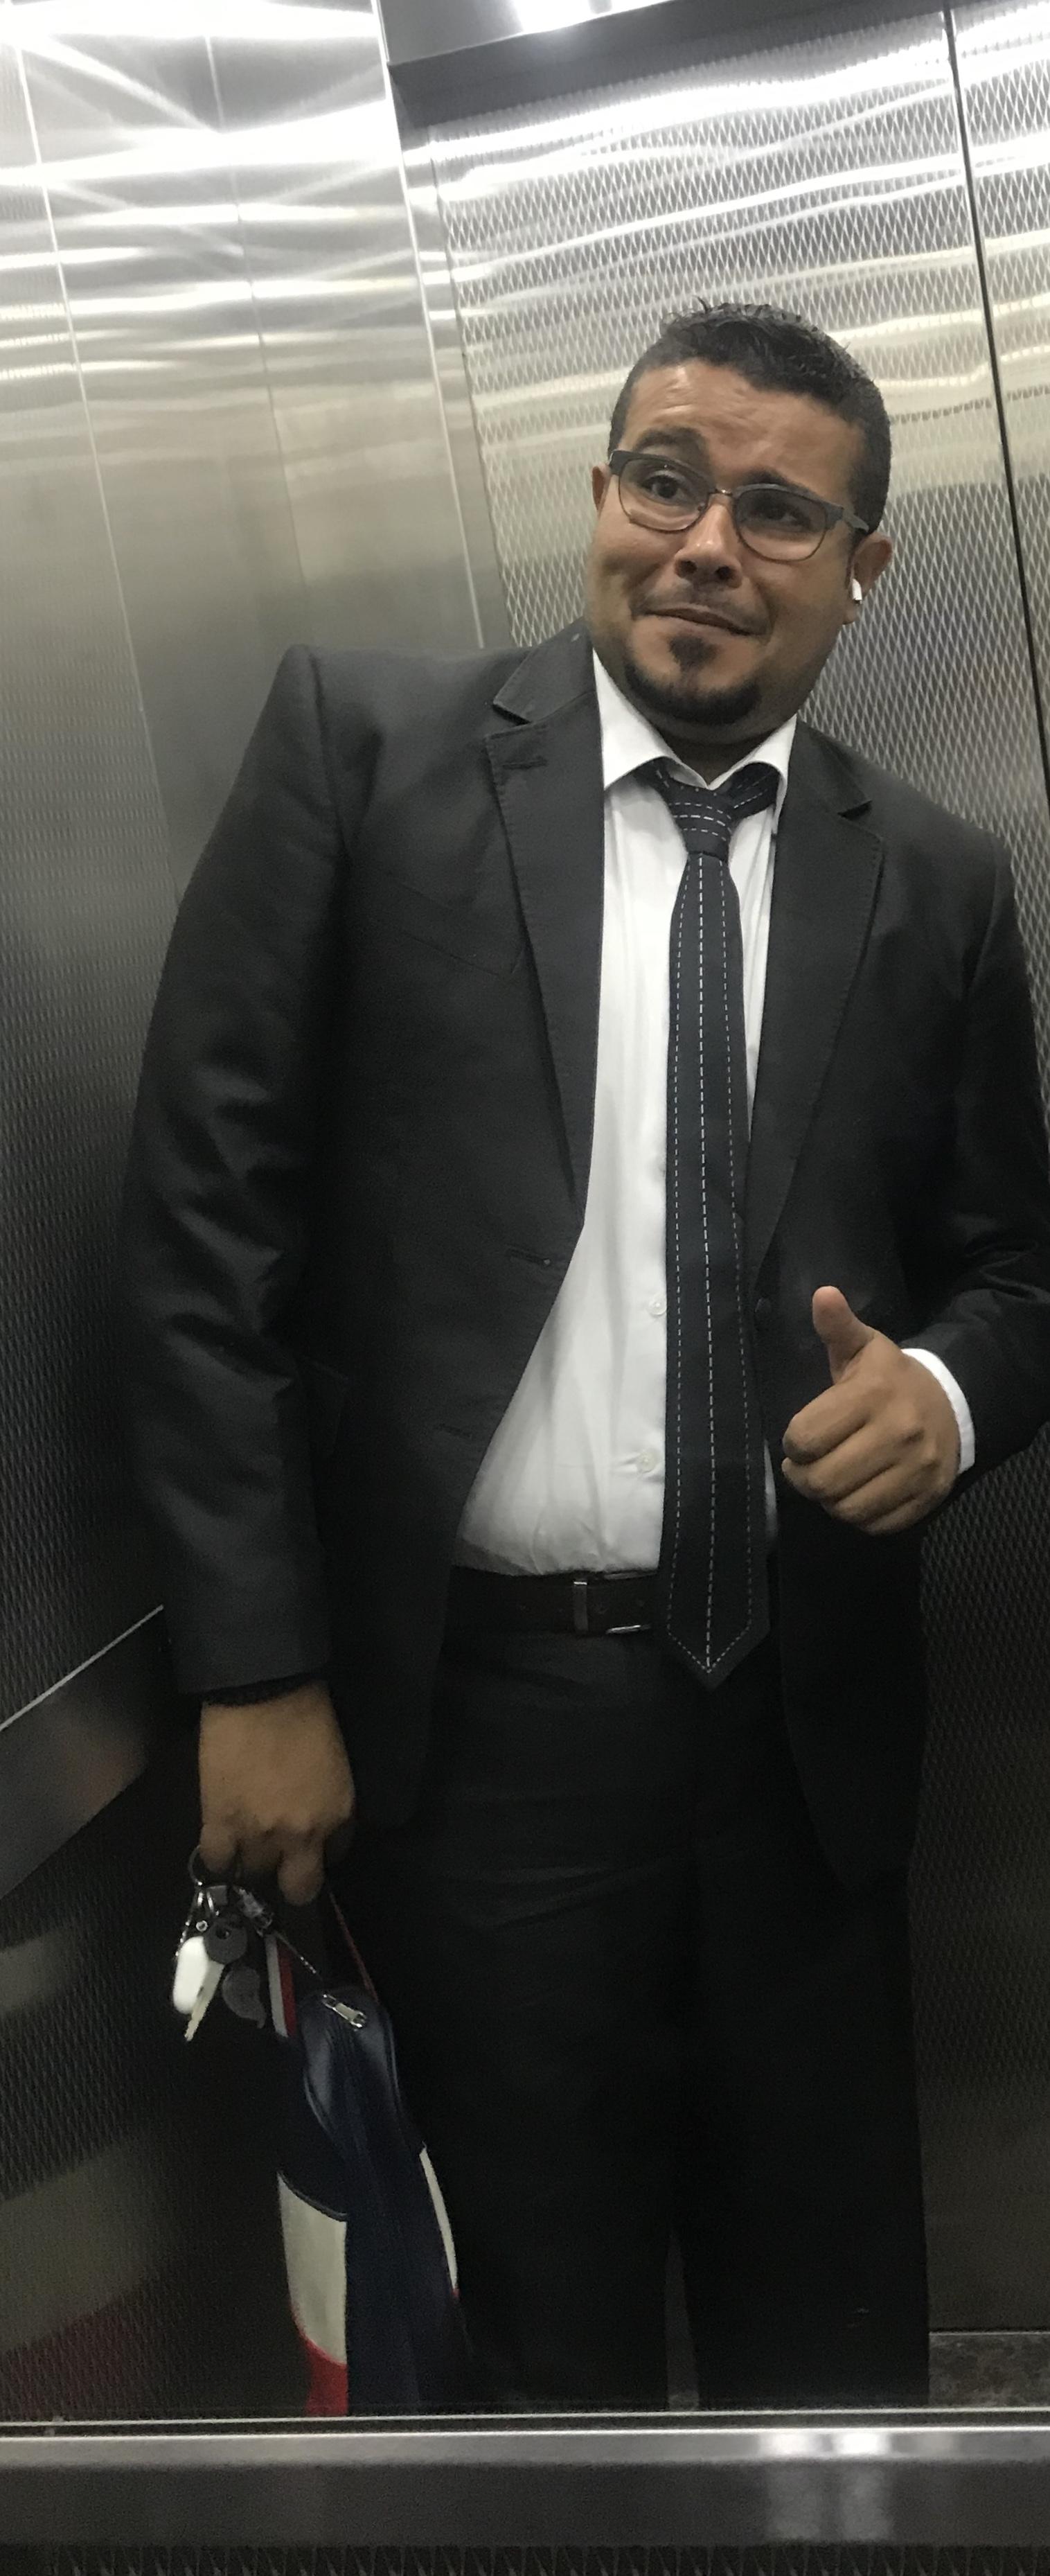 tamernaeem Profile Picture